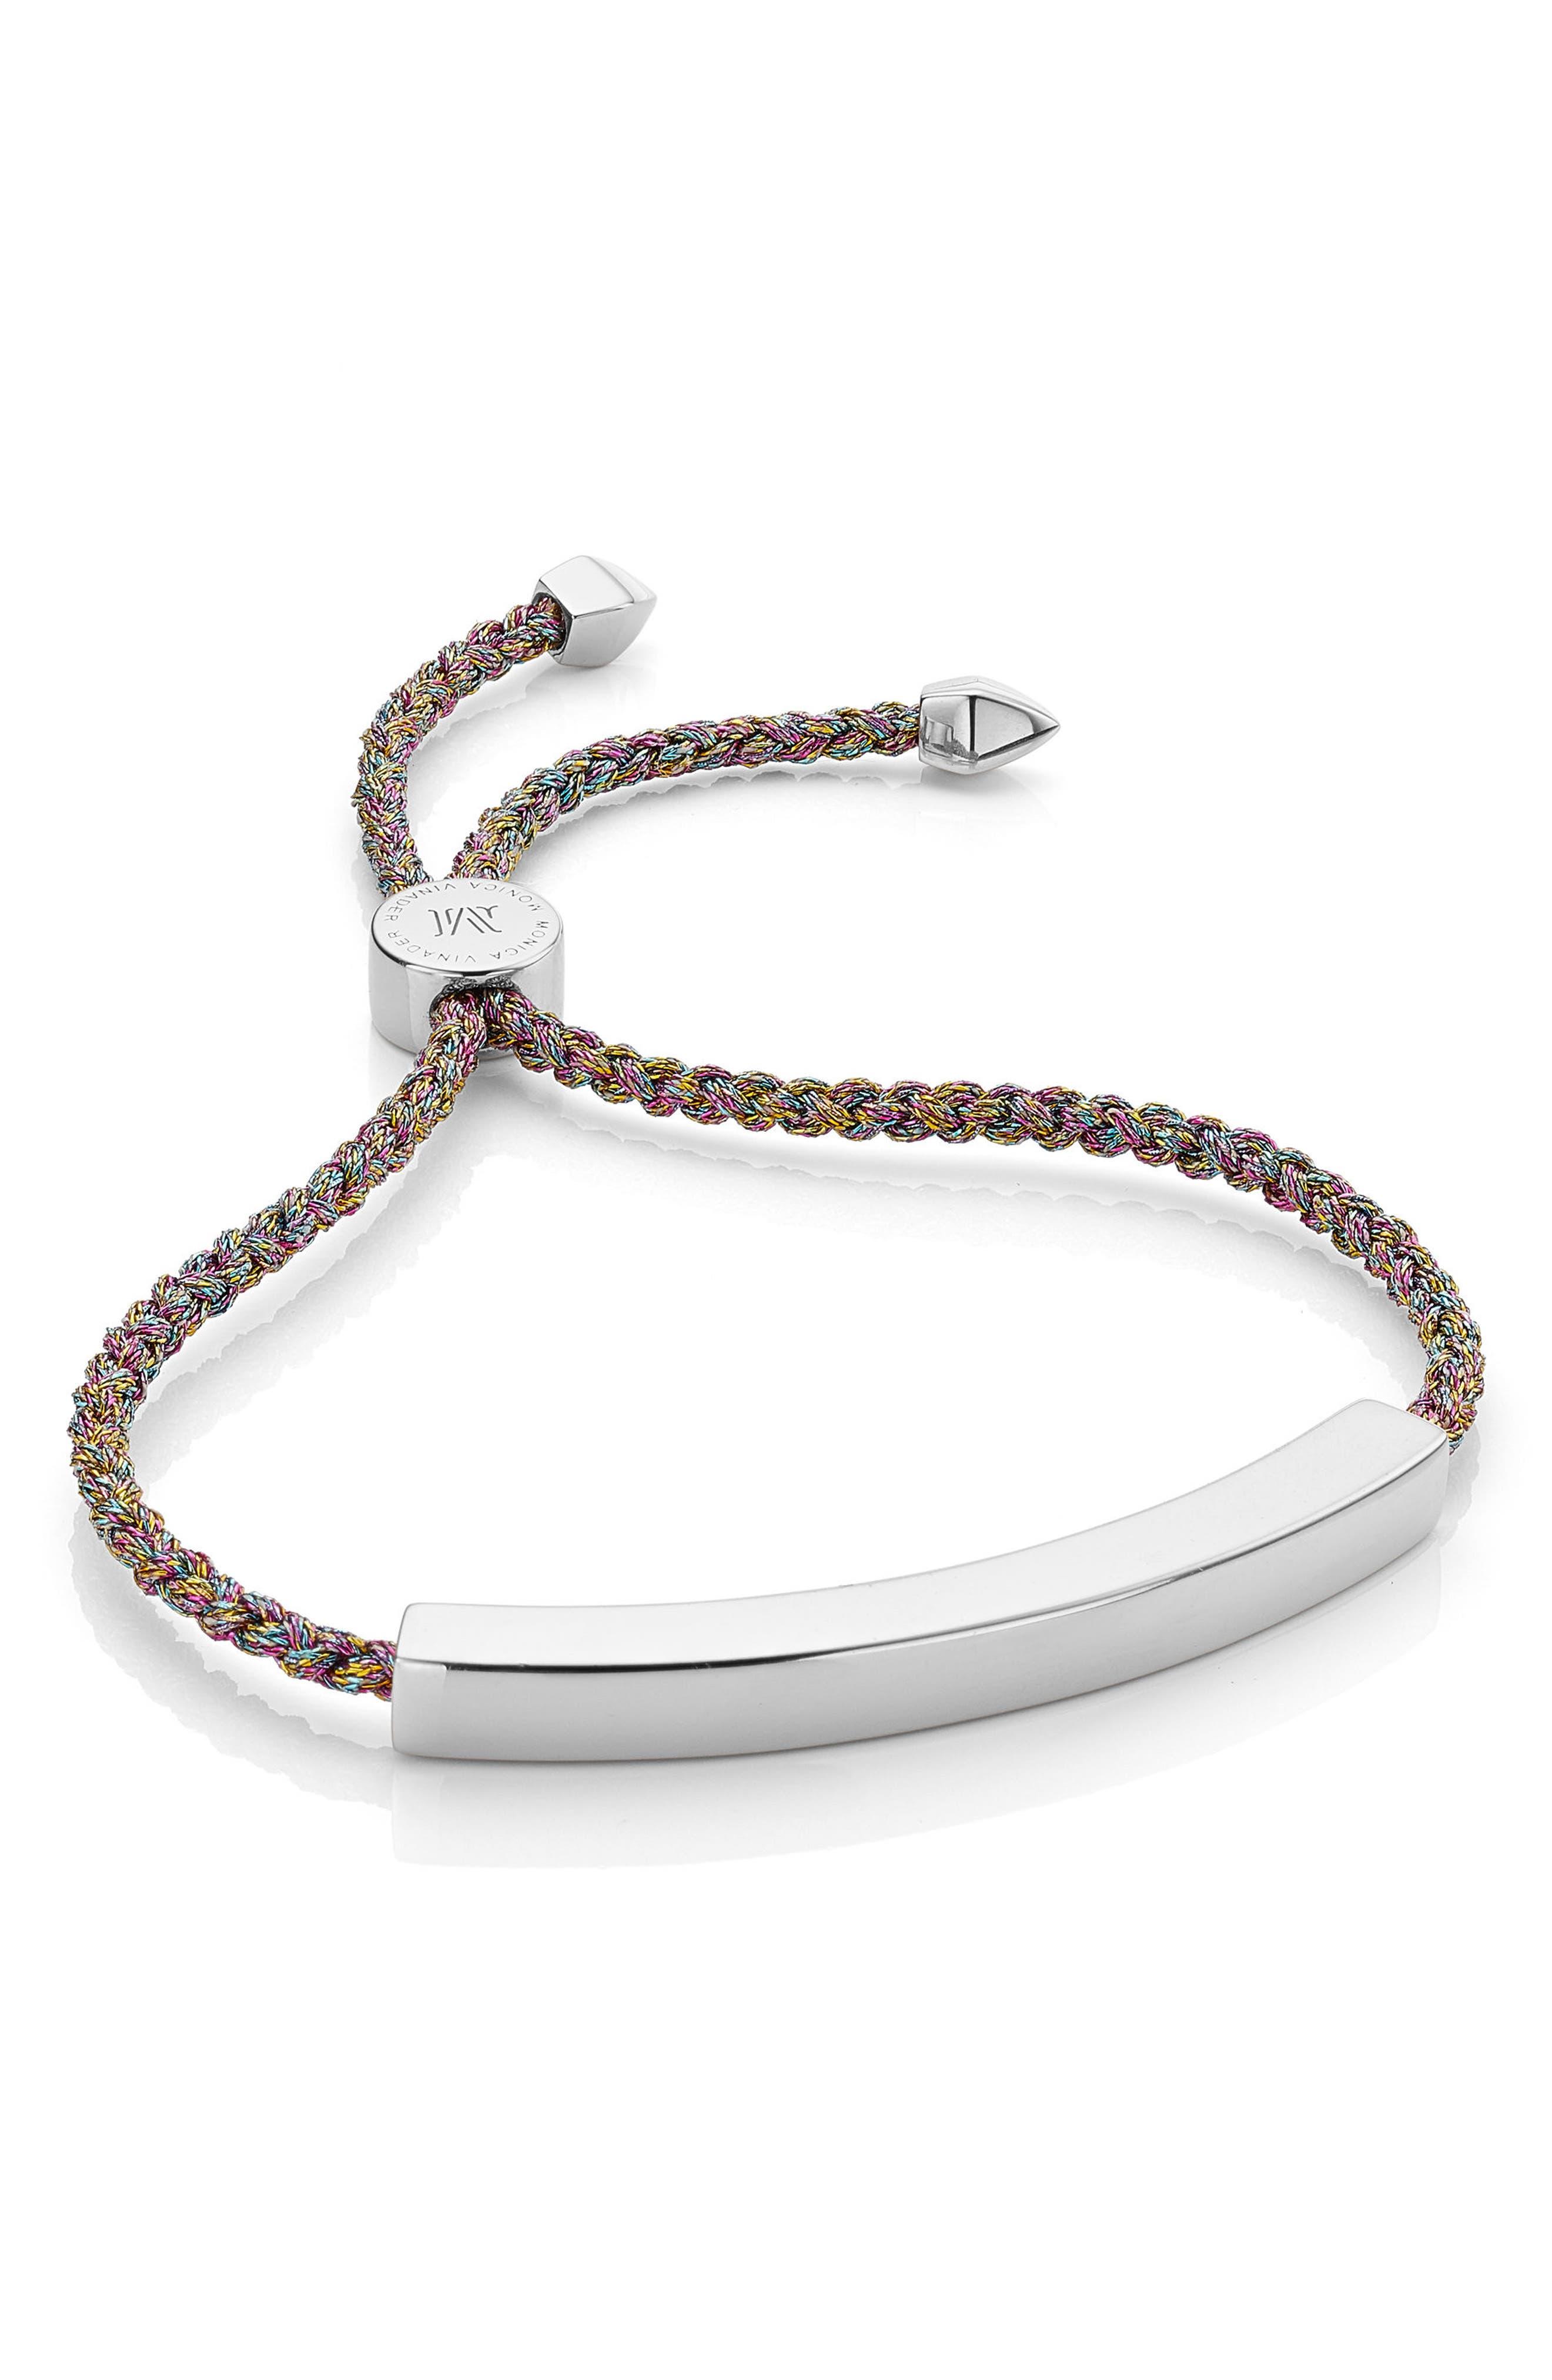 Engravable Large Linear Friendship Bracelet,                         Main,                         color, 999